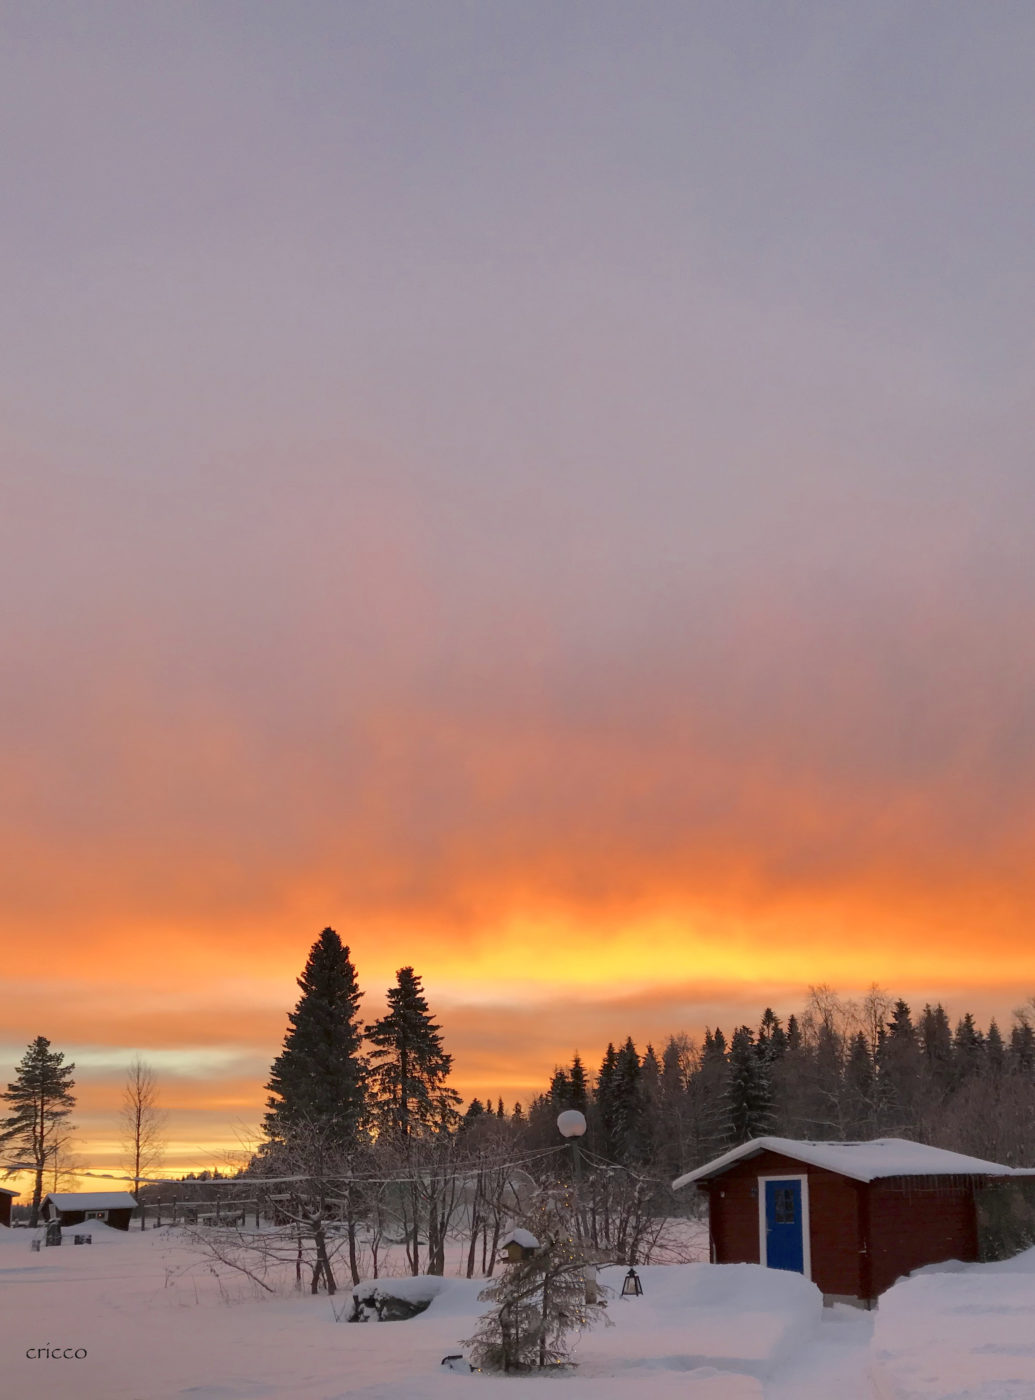 17 december - Cricco morgon